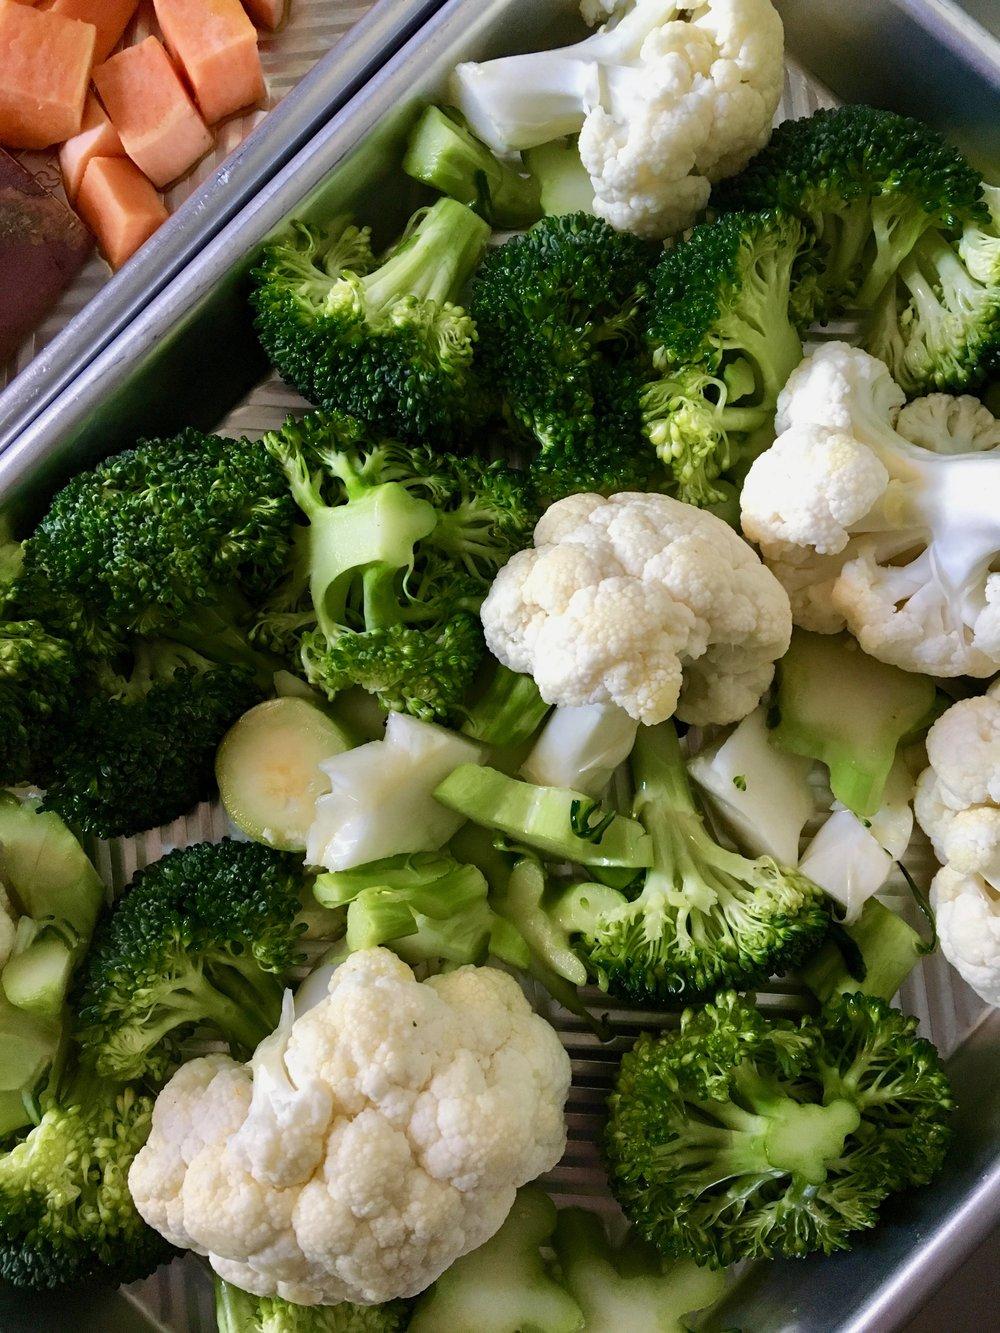 roadted broccoli and cauli prep.jpg